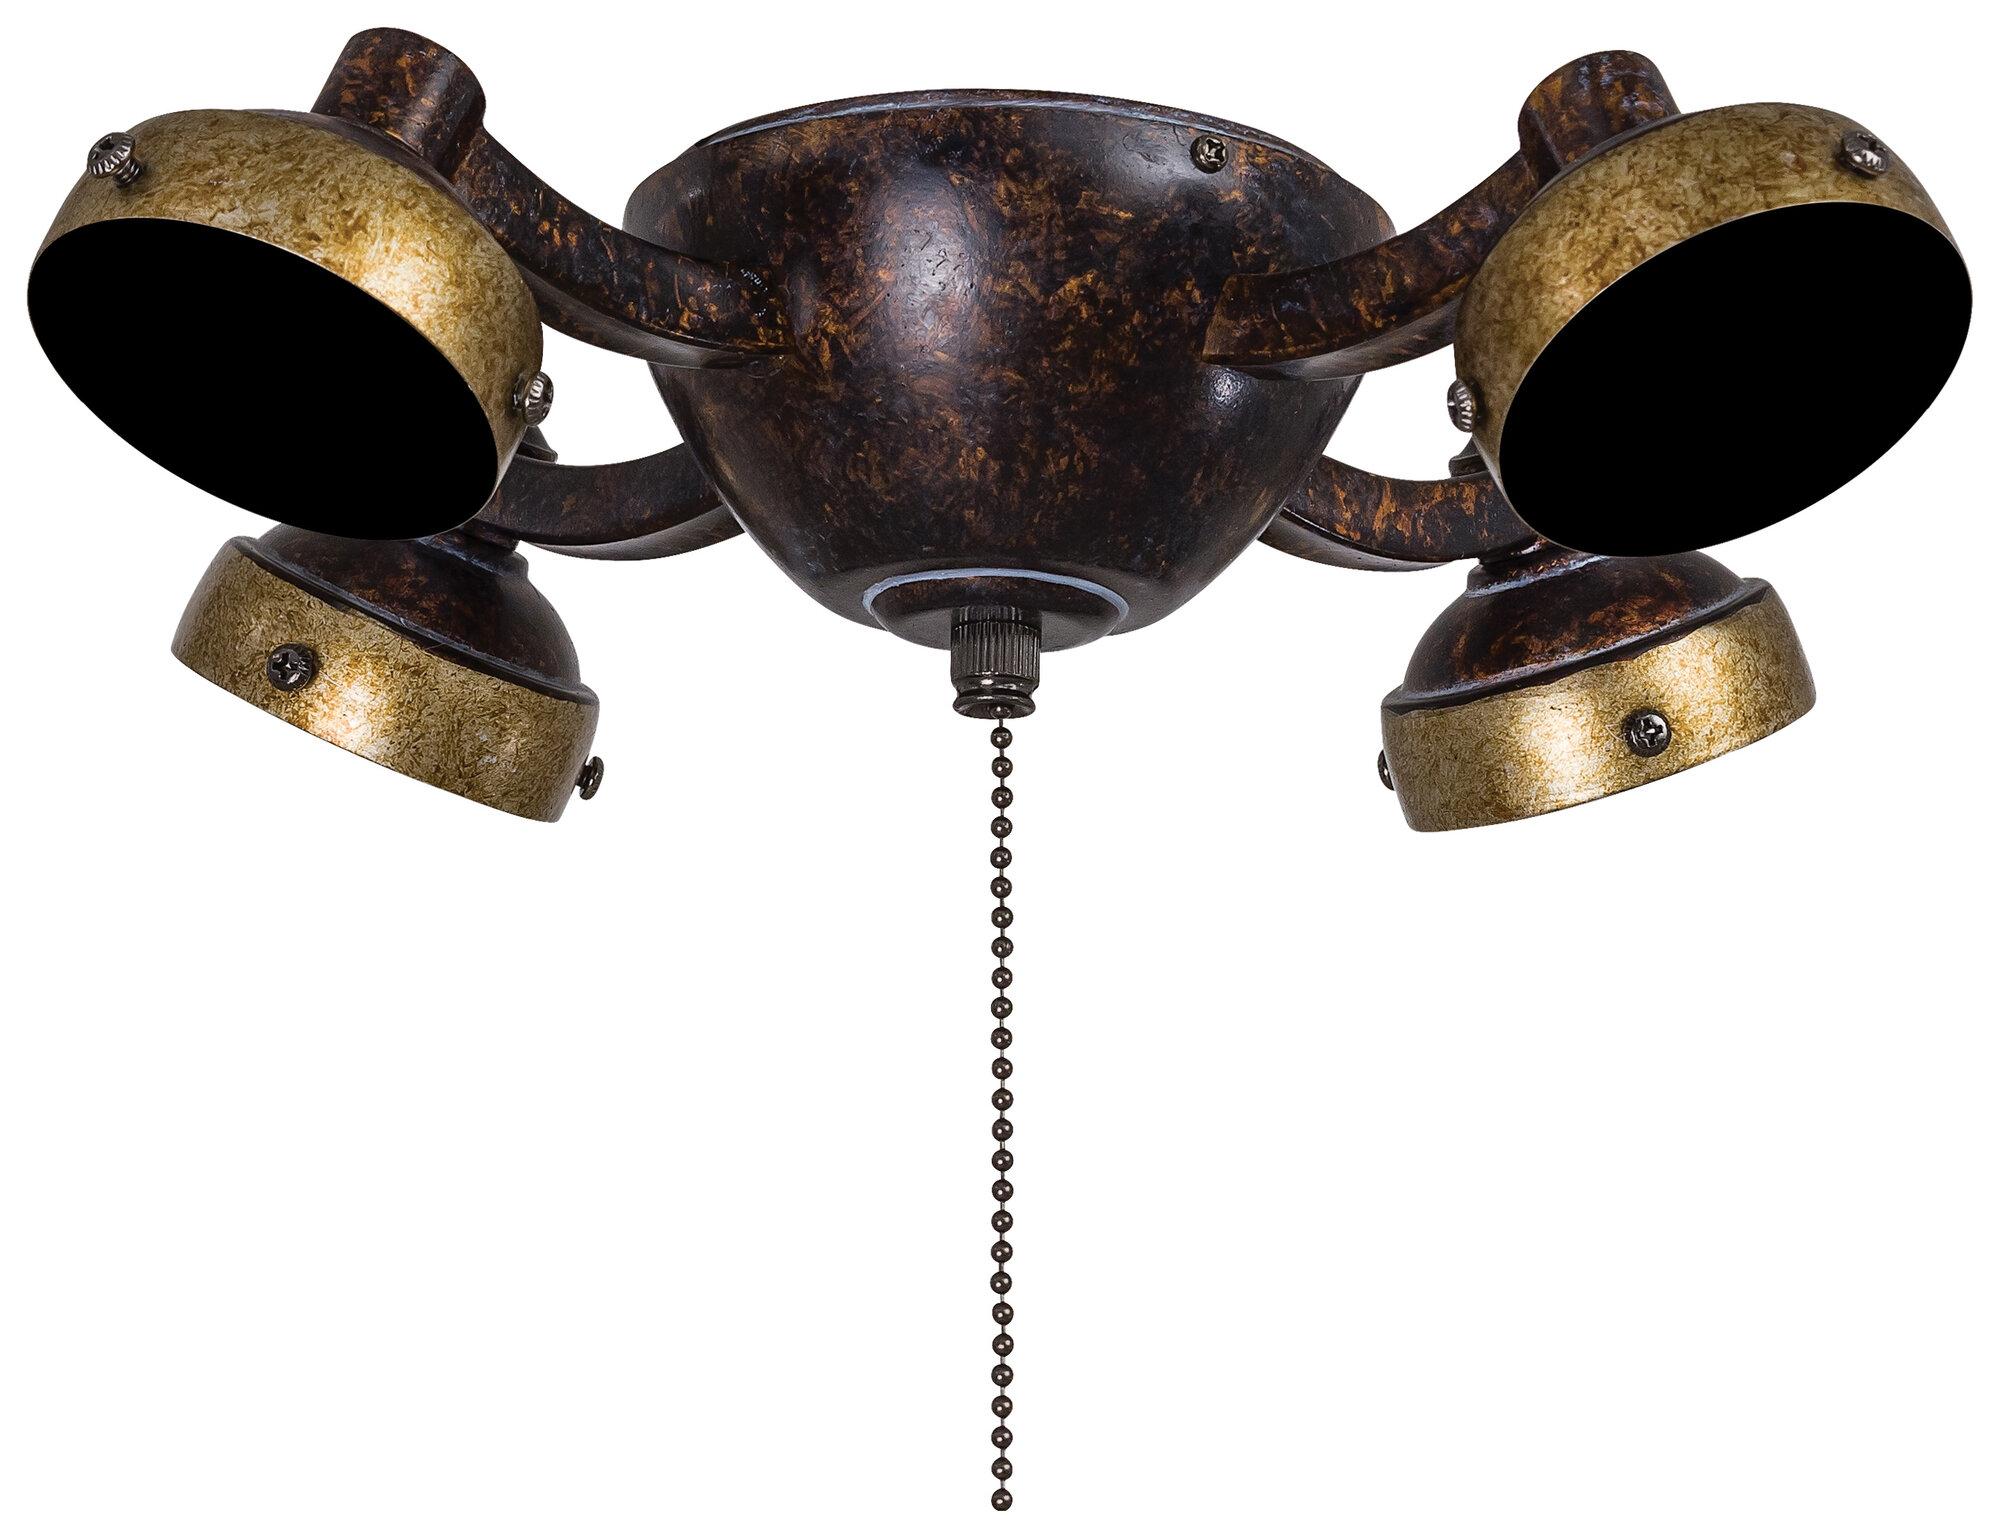 Minka Aire 4 Light Universal Ceiling Fan Light Kit Ebay